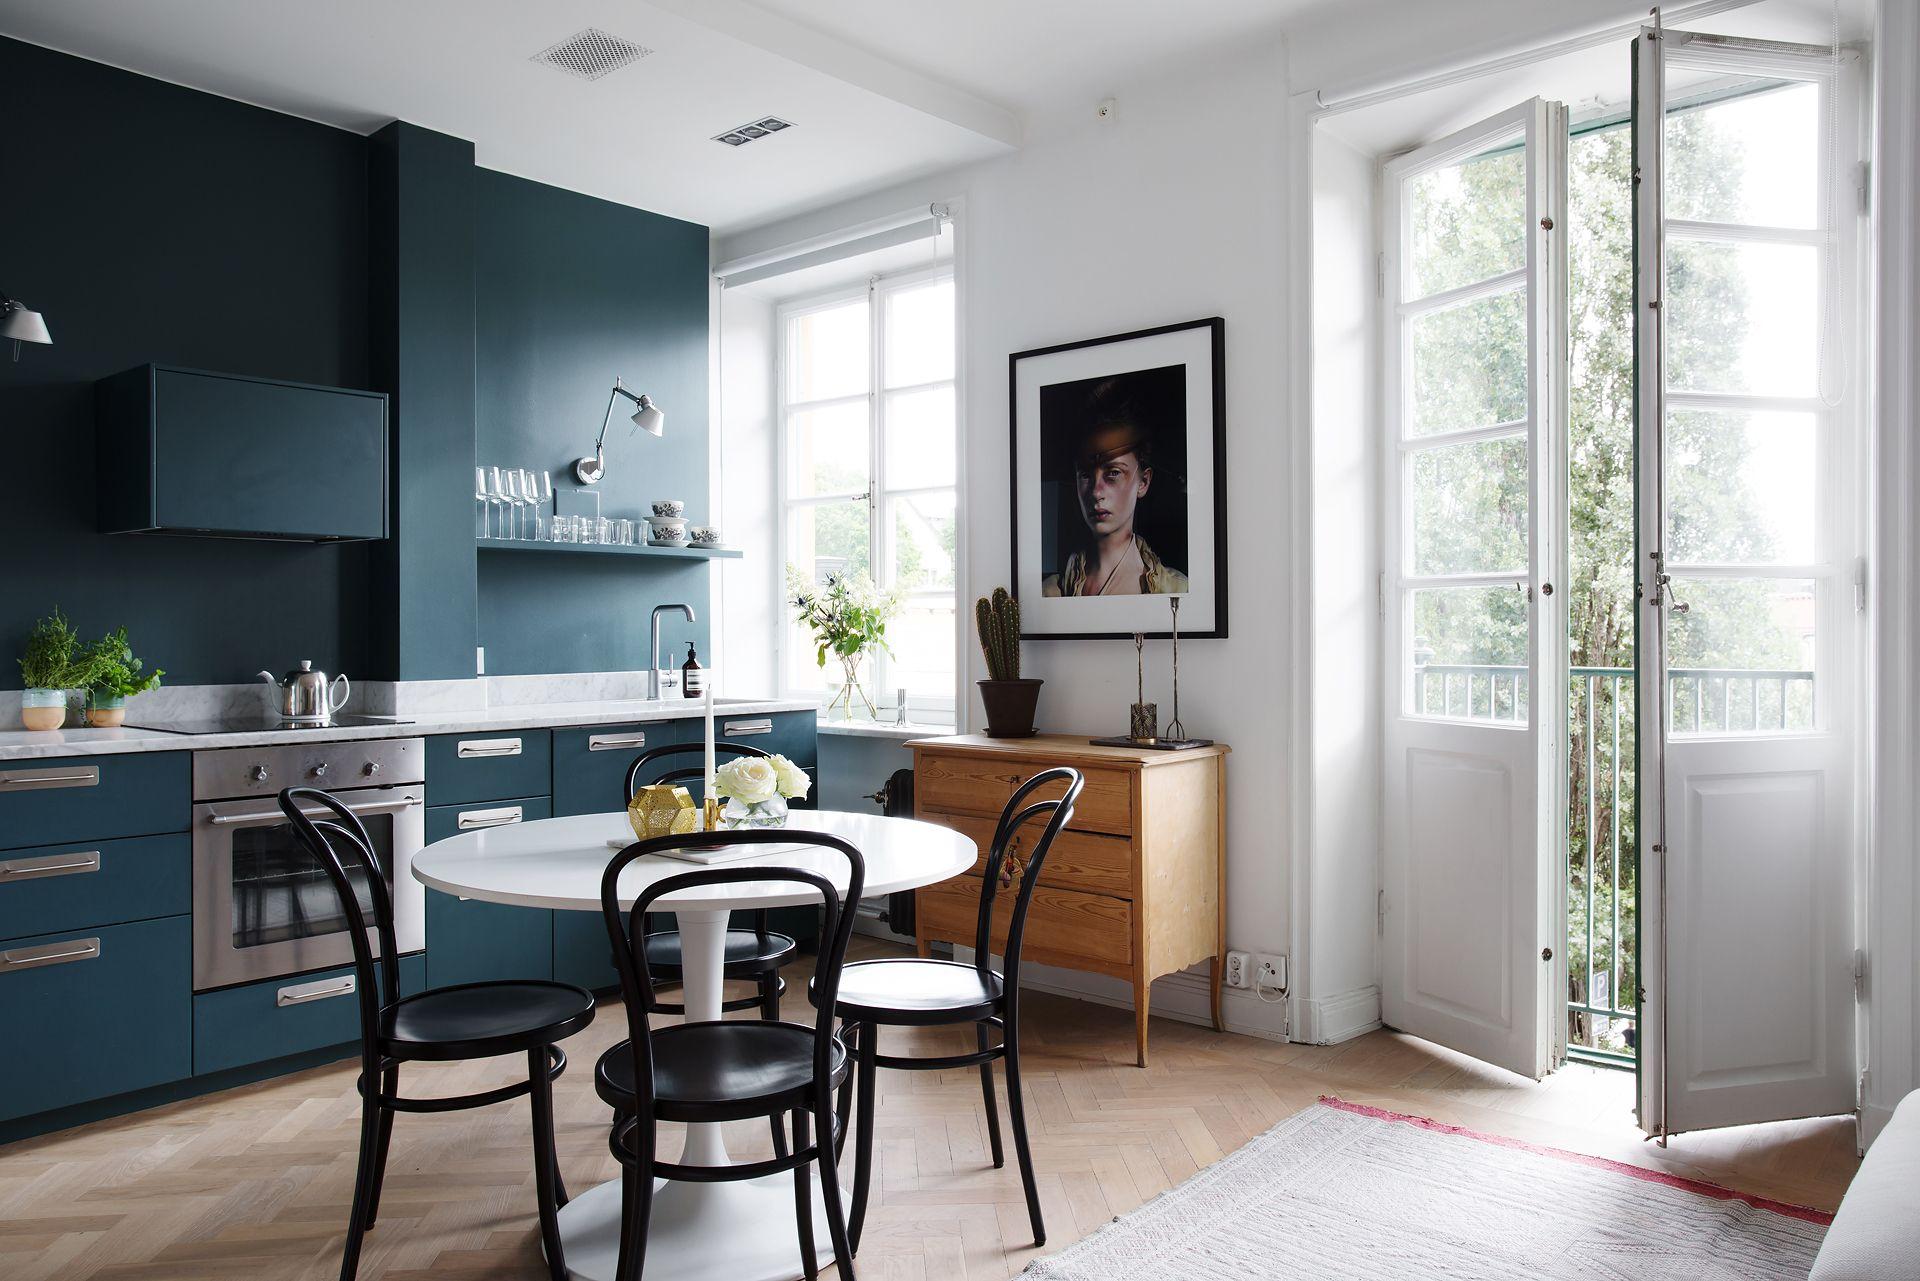 Pintar la pared de la cocina del mismo color que los muebles | Lo ...